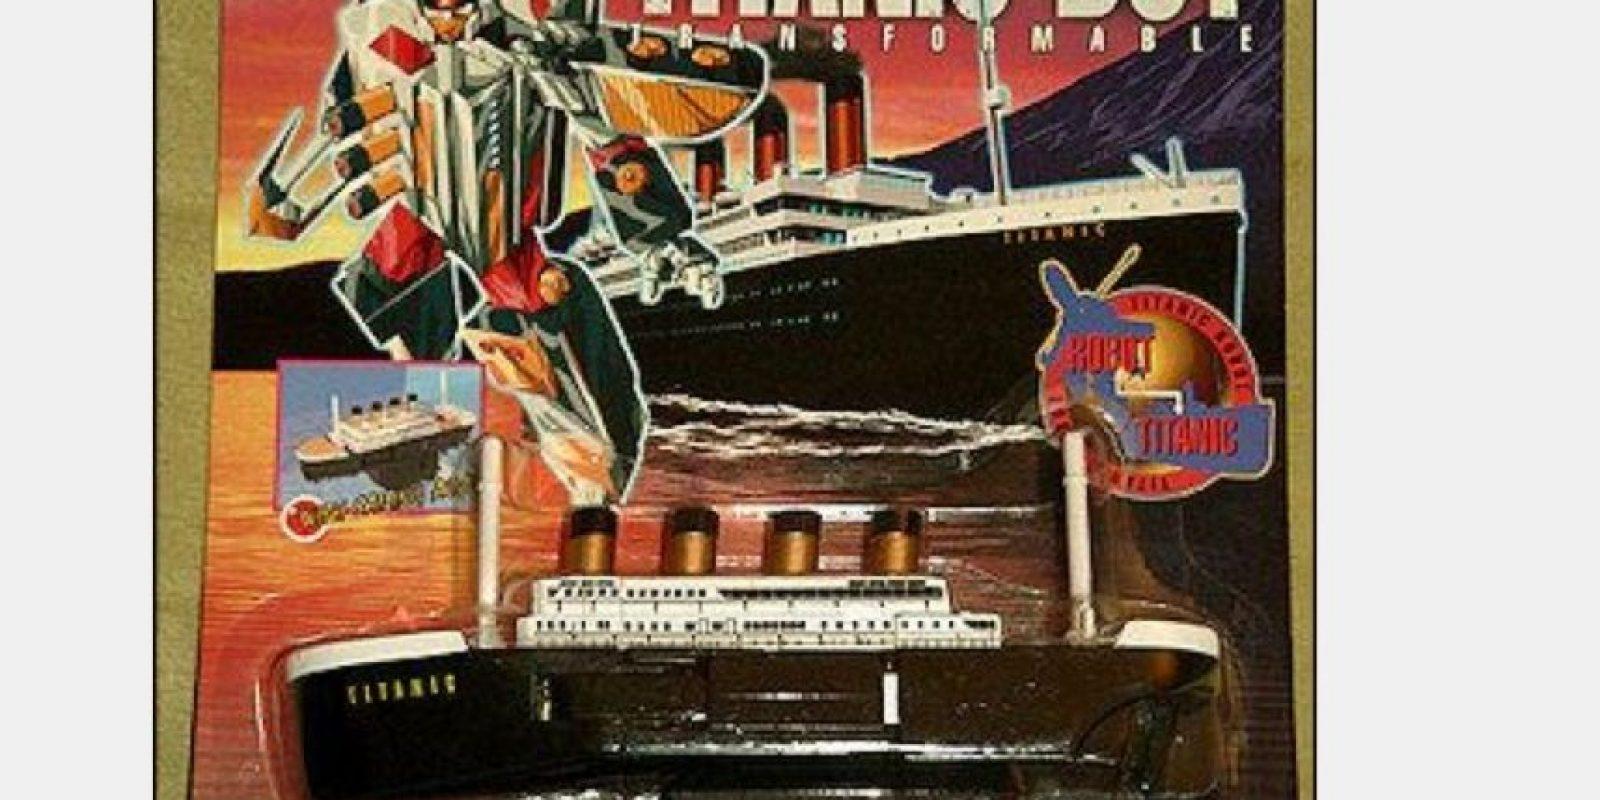 Todo obedecía a un plan maestro en el que el Titanic se convertía en un Transformer Foto:Tumblr/Bootleg Toys